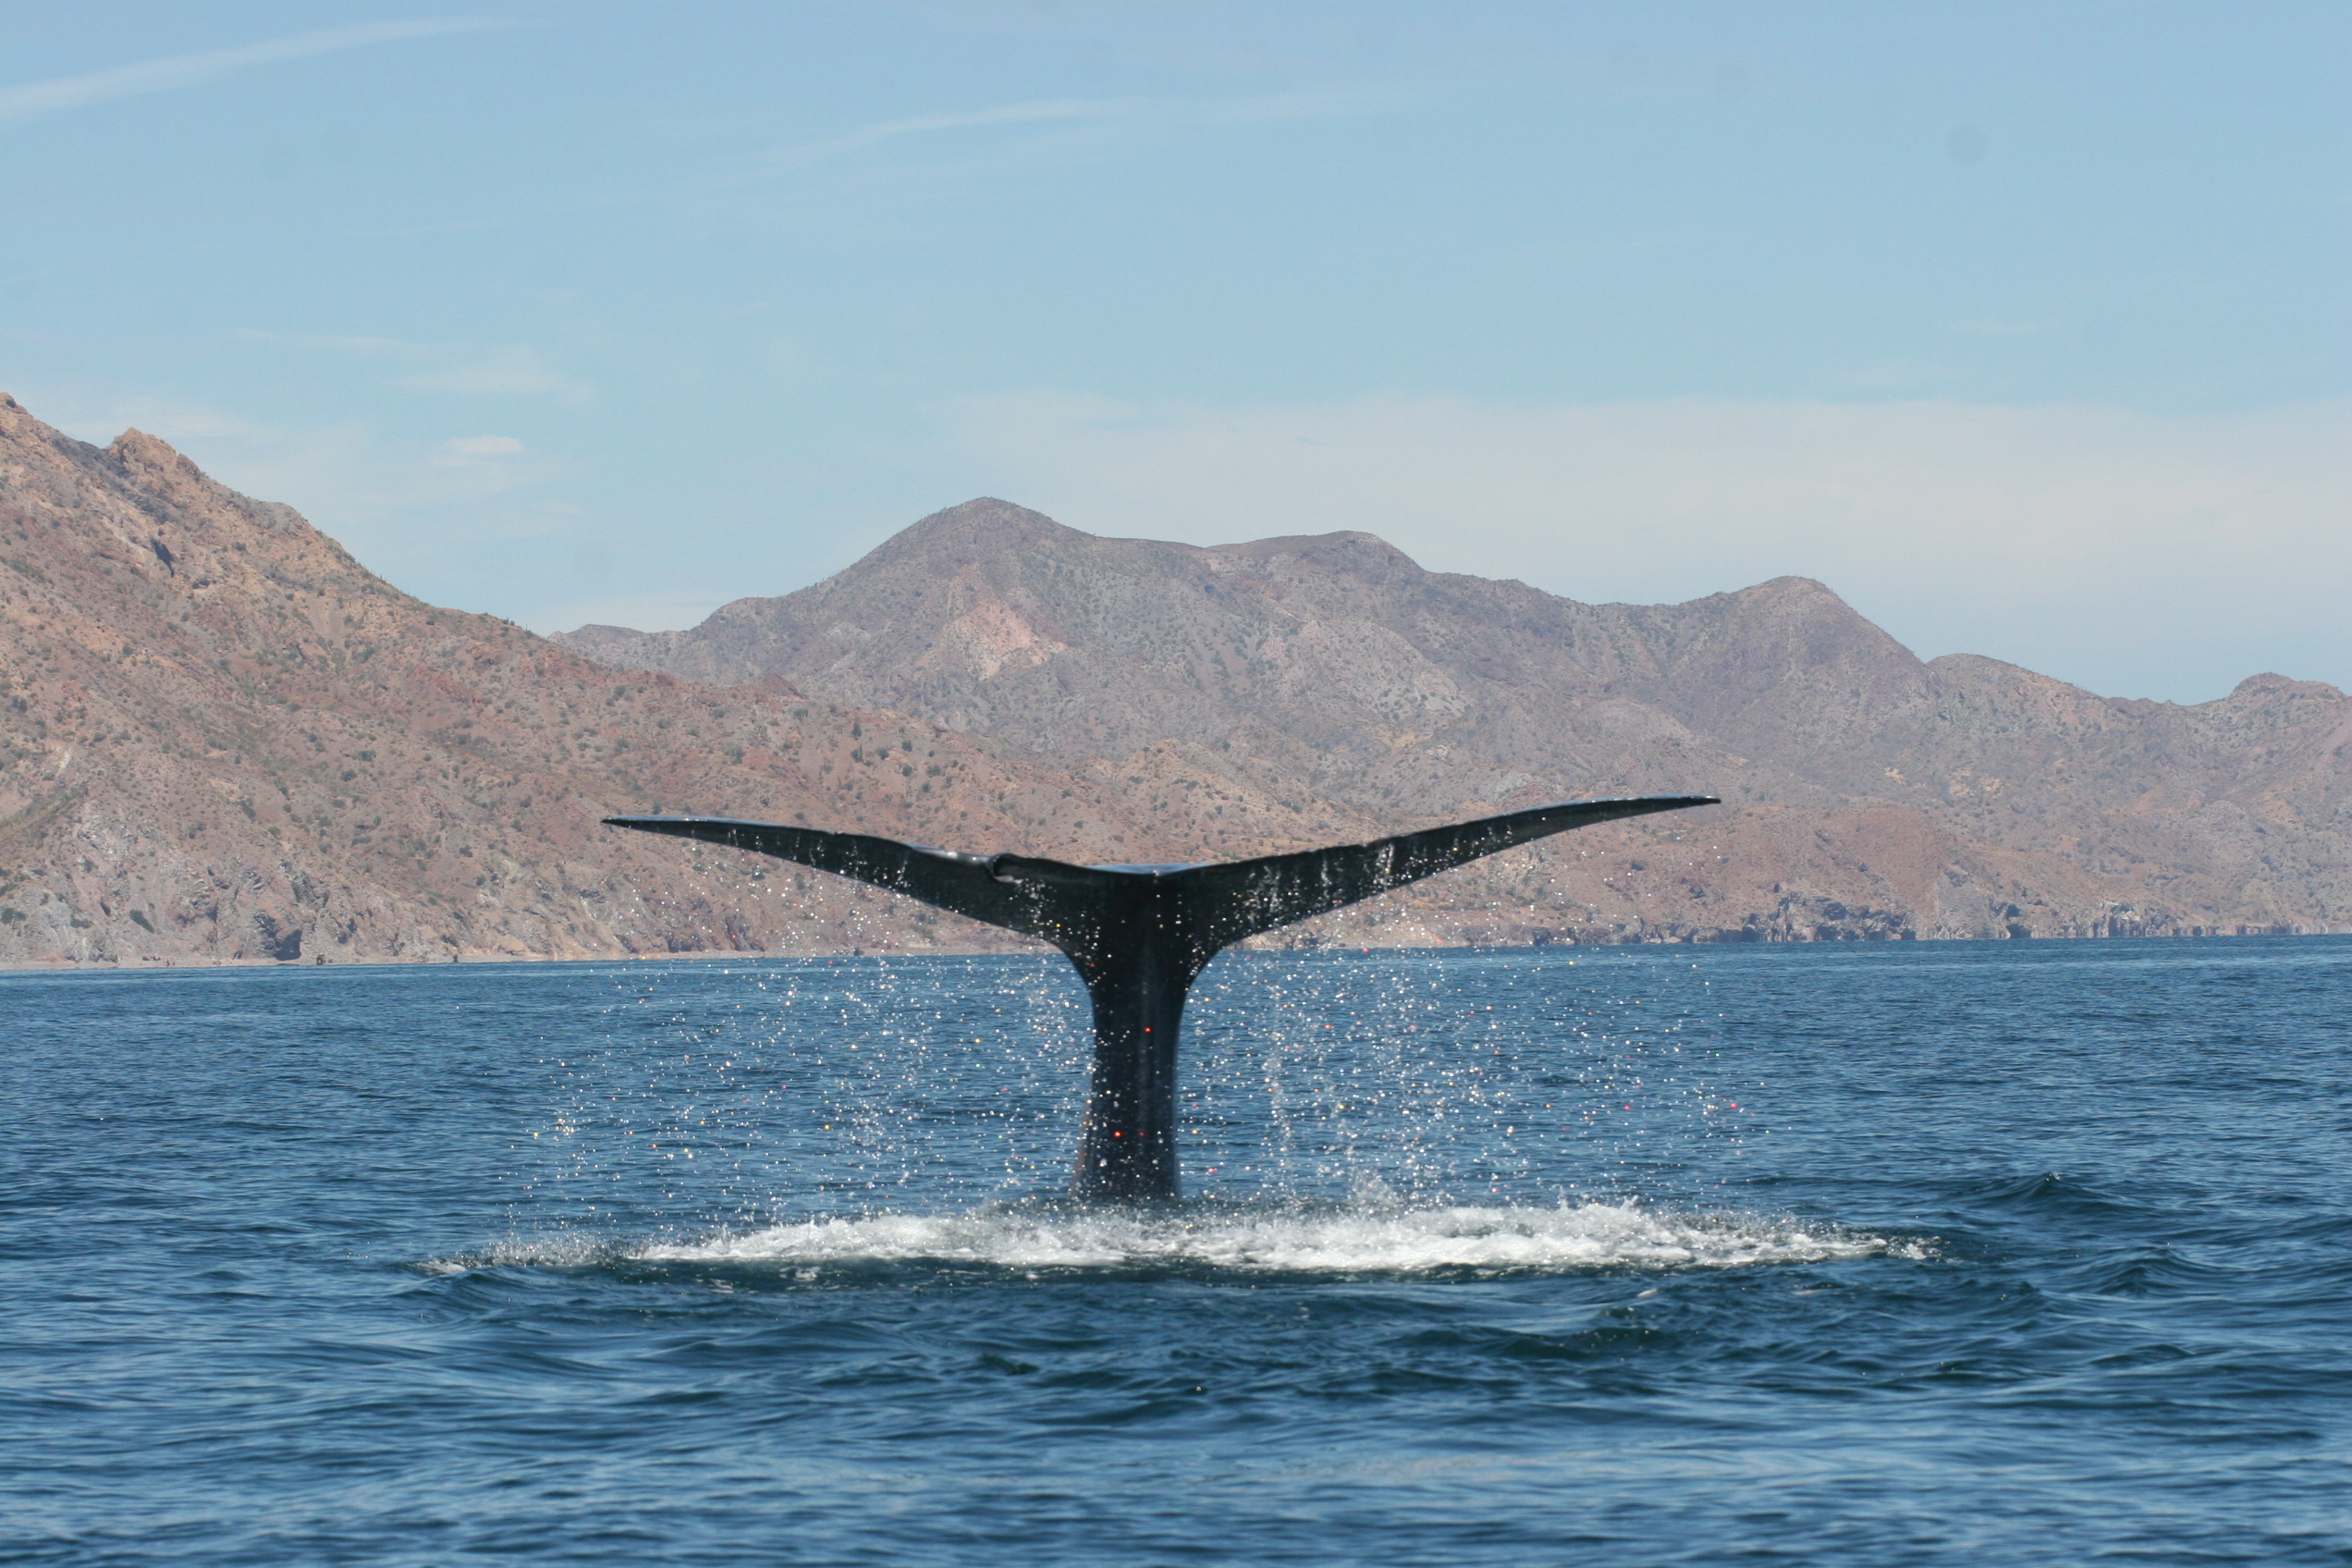 Las ballenas azules se 'broncean' para protegerse de la radiación ultravioleta